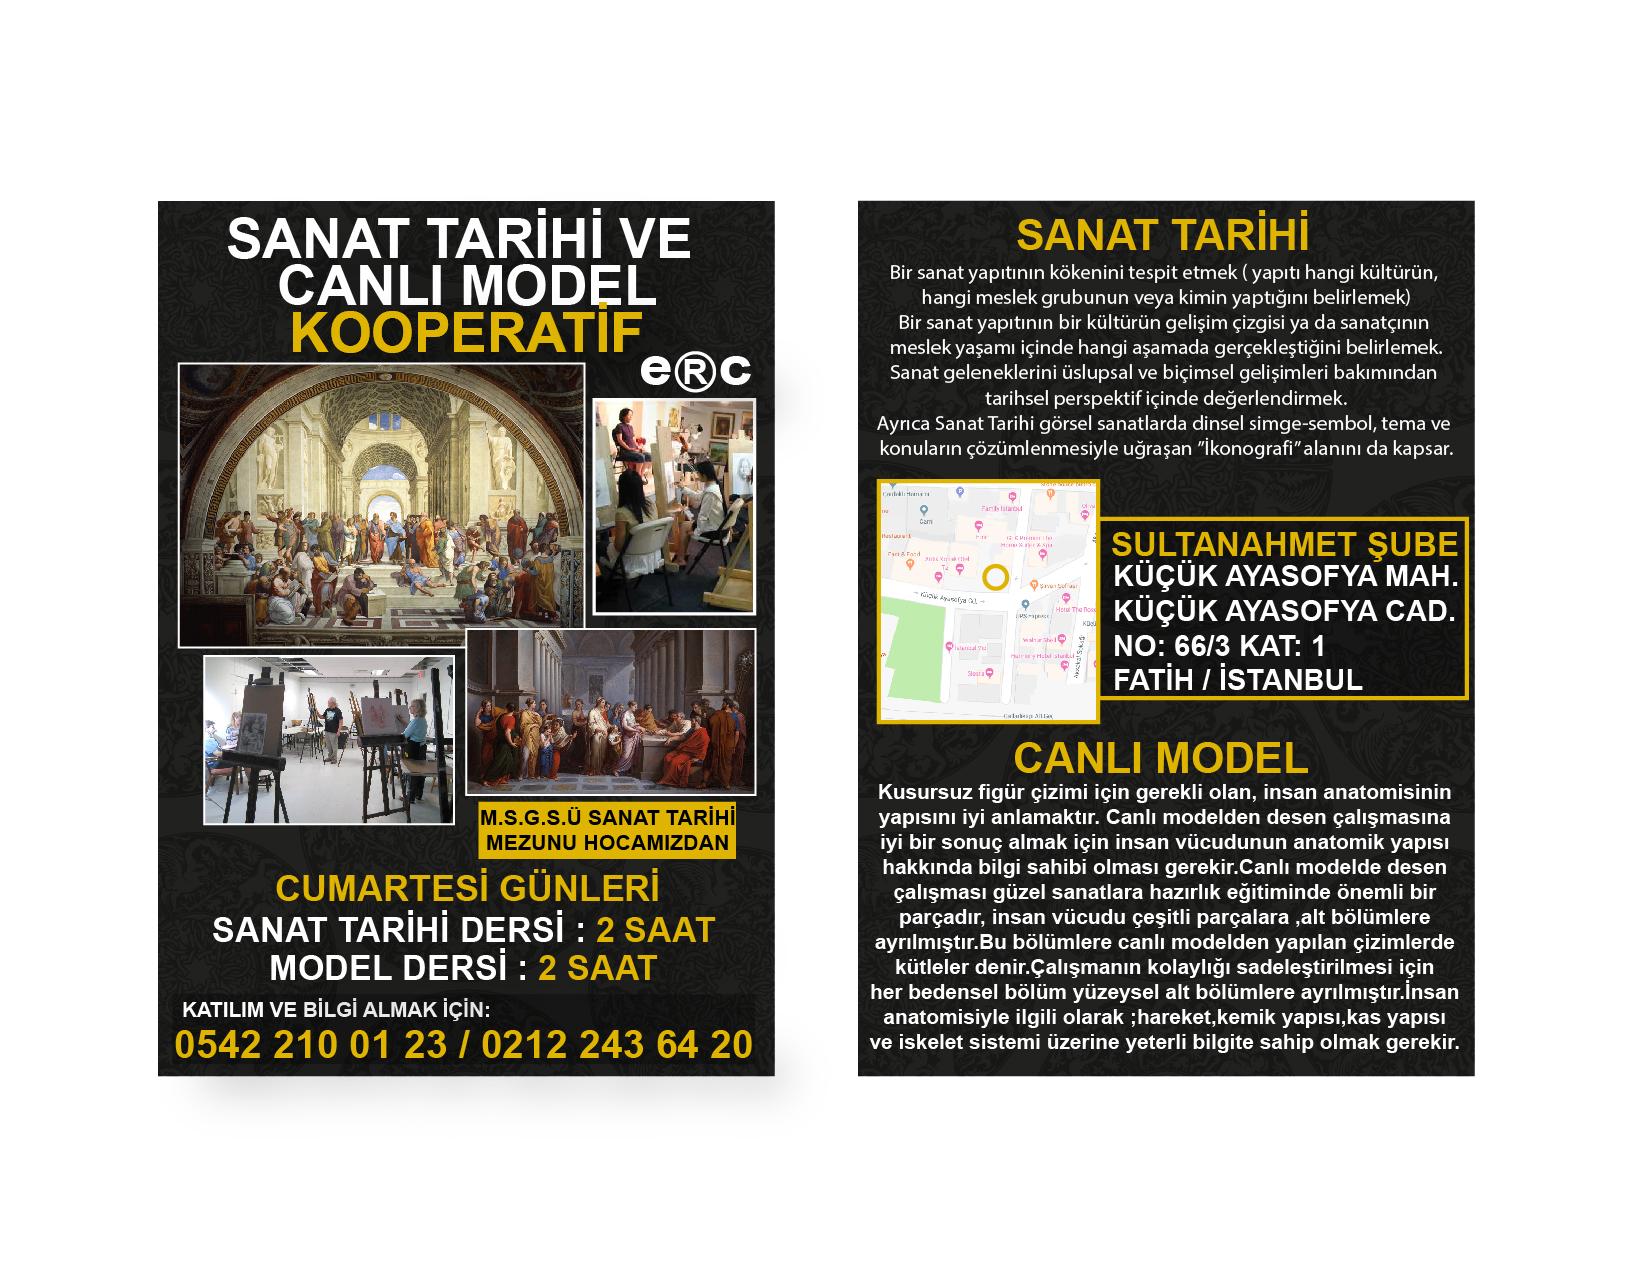 SANAT TARİHİ CANLI MODEL AFİŞ 11